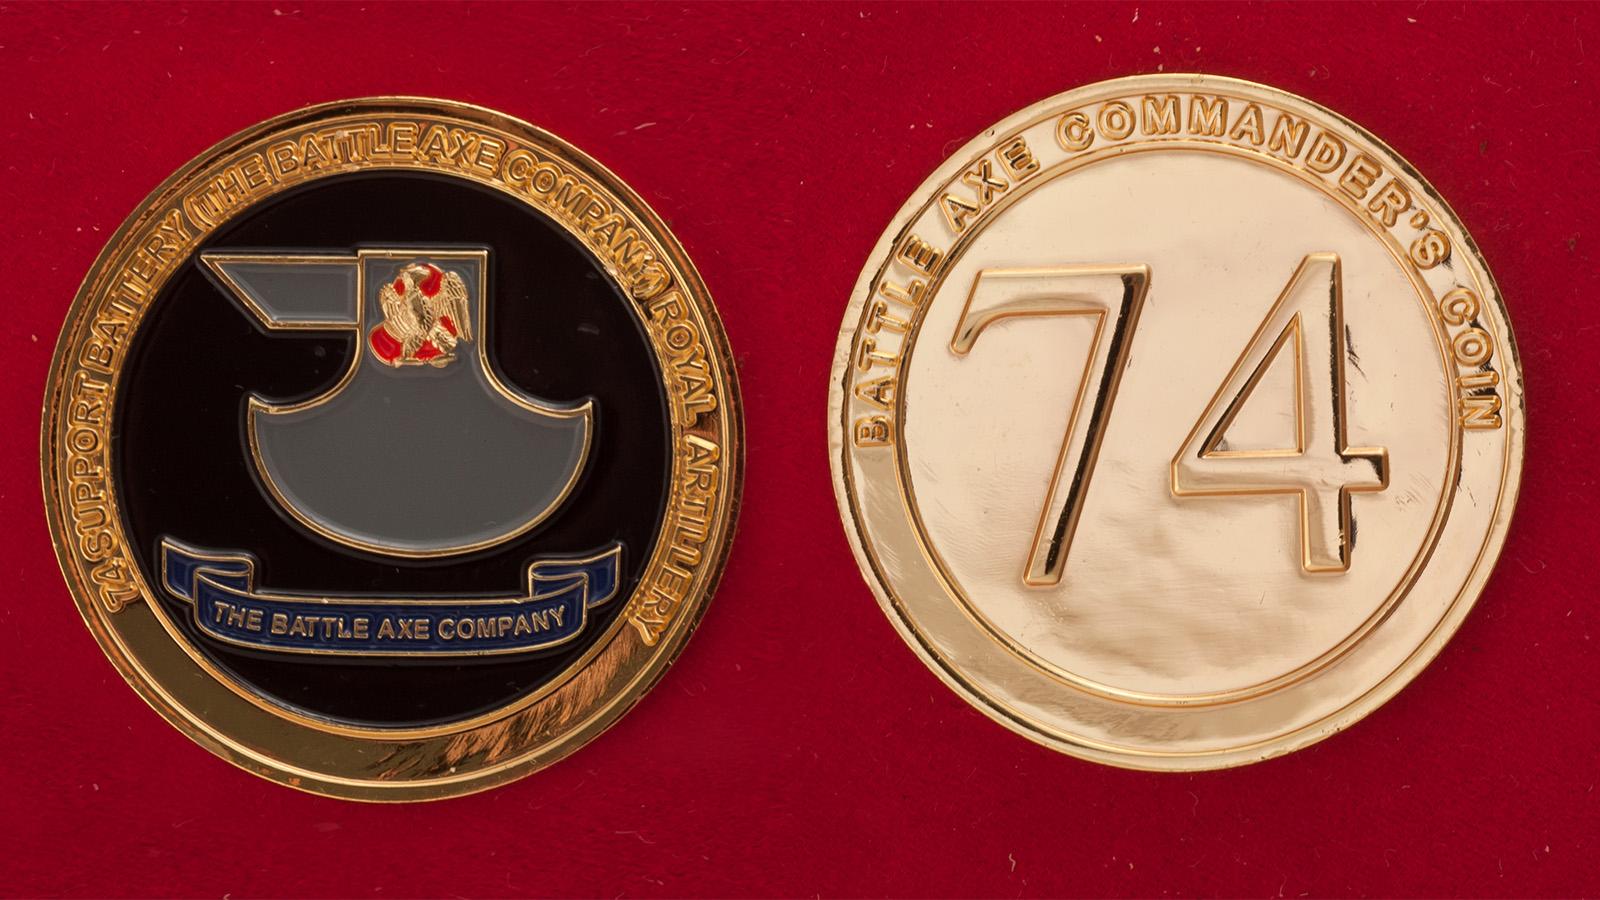 Челлендж коин офицеров 74-й артиллерийской батарии 1-й разведывательной бригады Королевской армии Великобритании - аверс и реверс